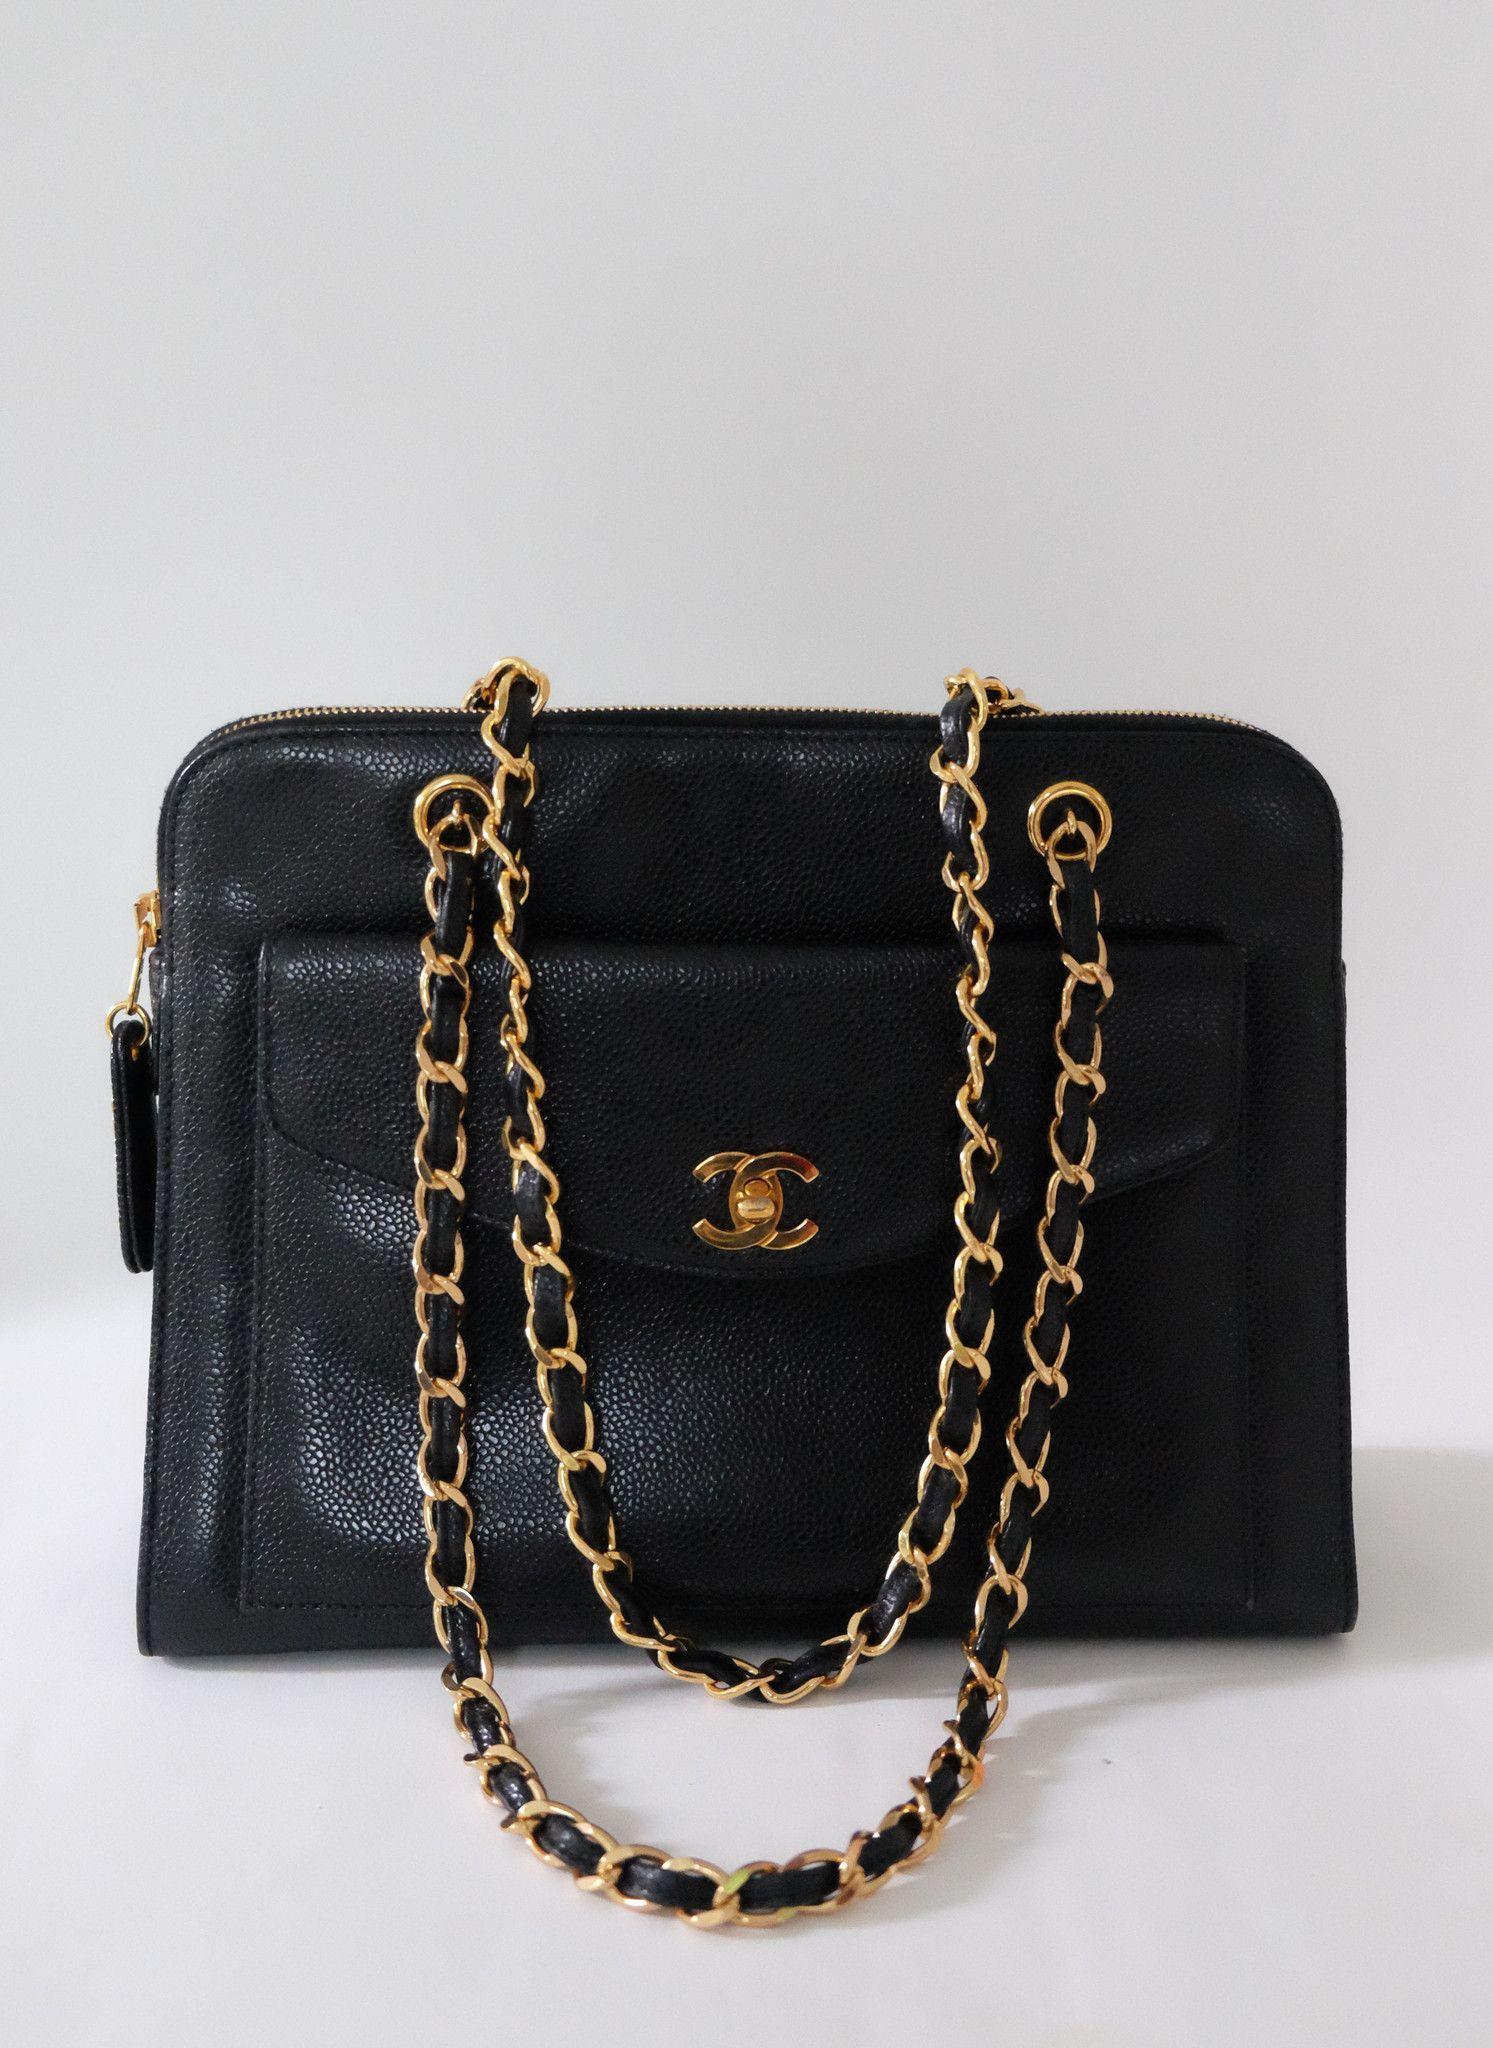 Chanel handbag superb vintage chanel bag vintage leather - Chanel Vintage Black Caviar Gold Strap Front Pocket Shoulder Tote Bag